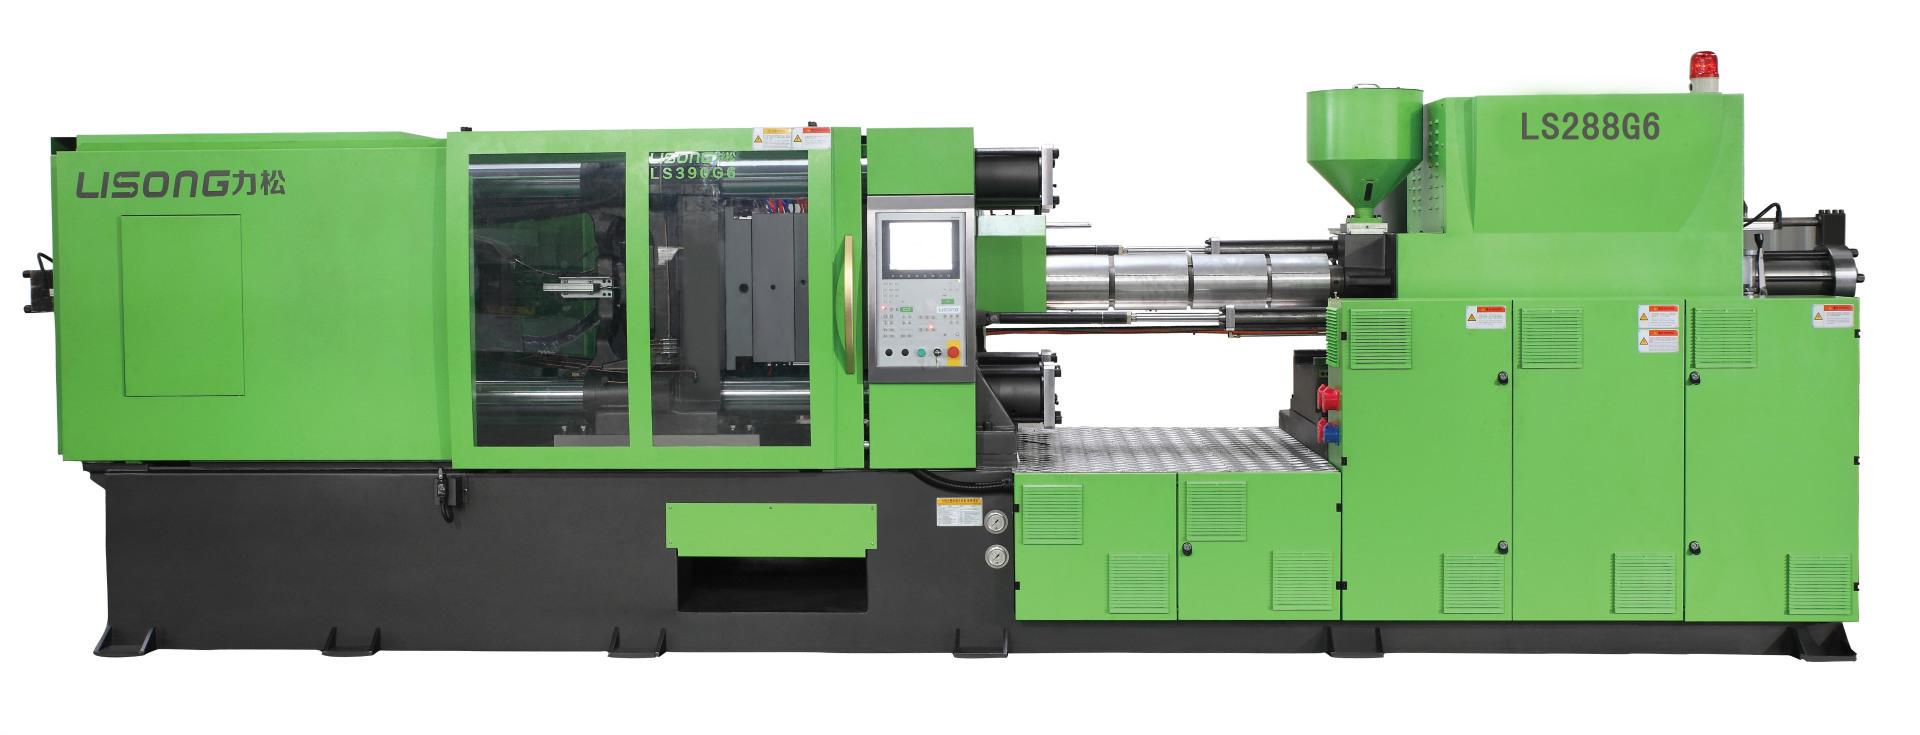 Lisong New Horizontal Injection Molding Machine Máy ép nhựa LS288G6